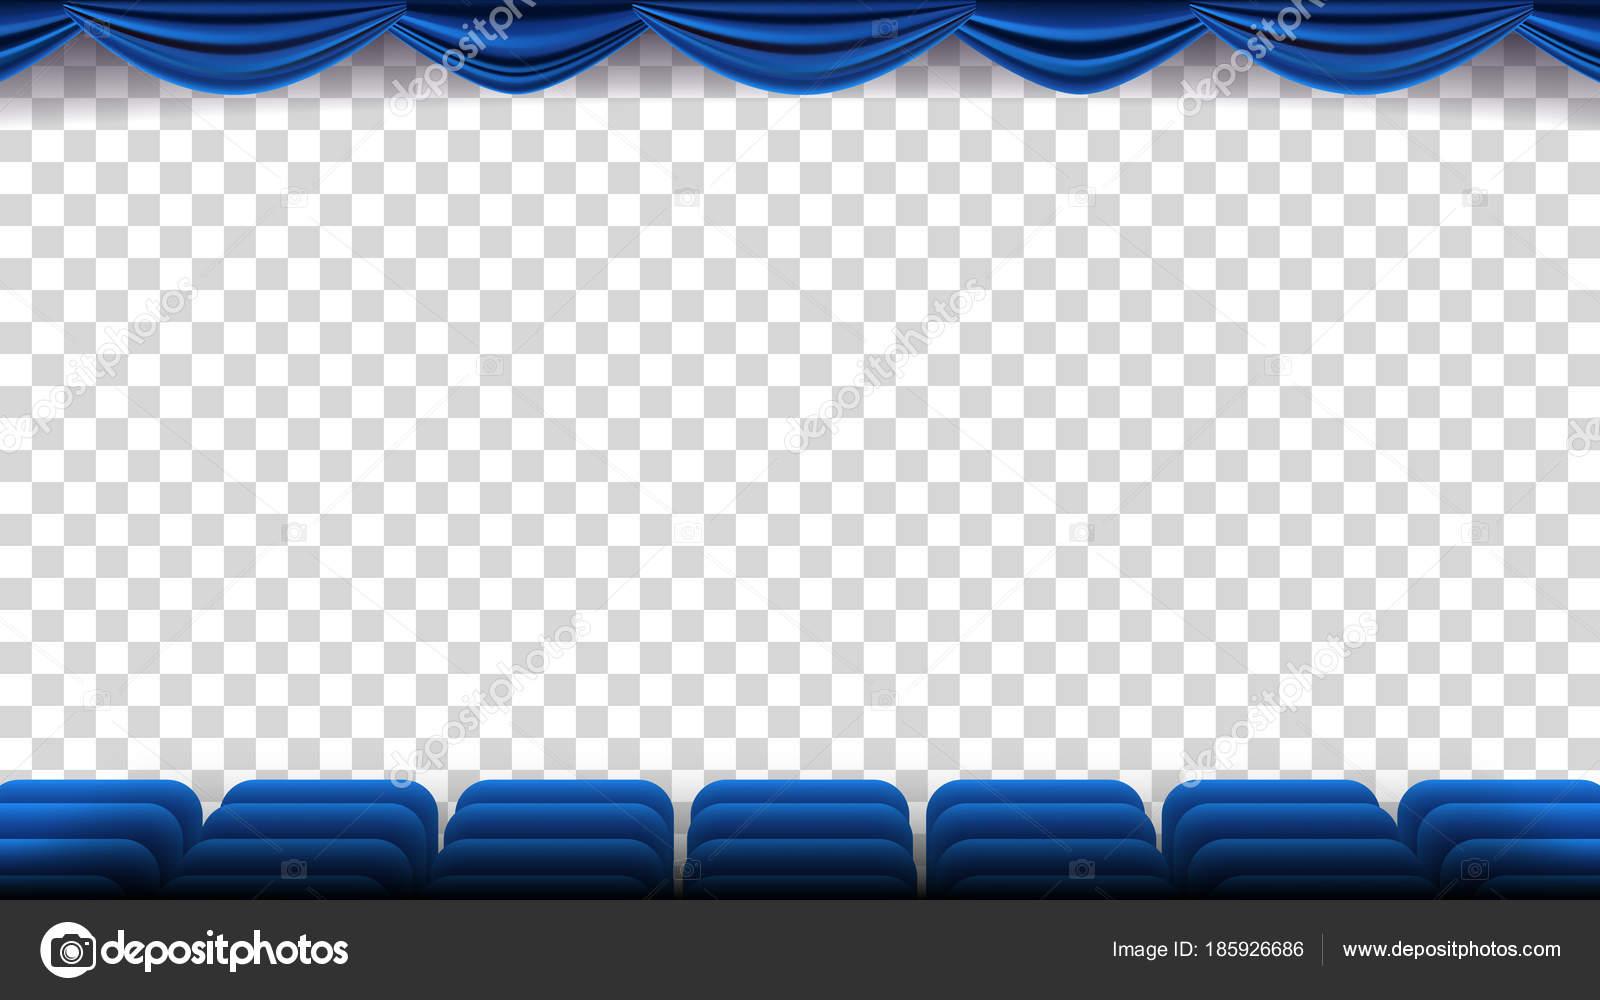 Kino Sessel Vektor. Film, Film, Theater, Auditorium mit blauem Sitz ...